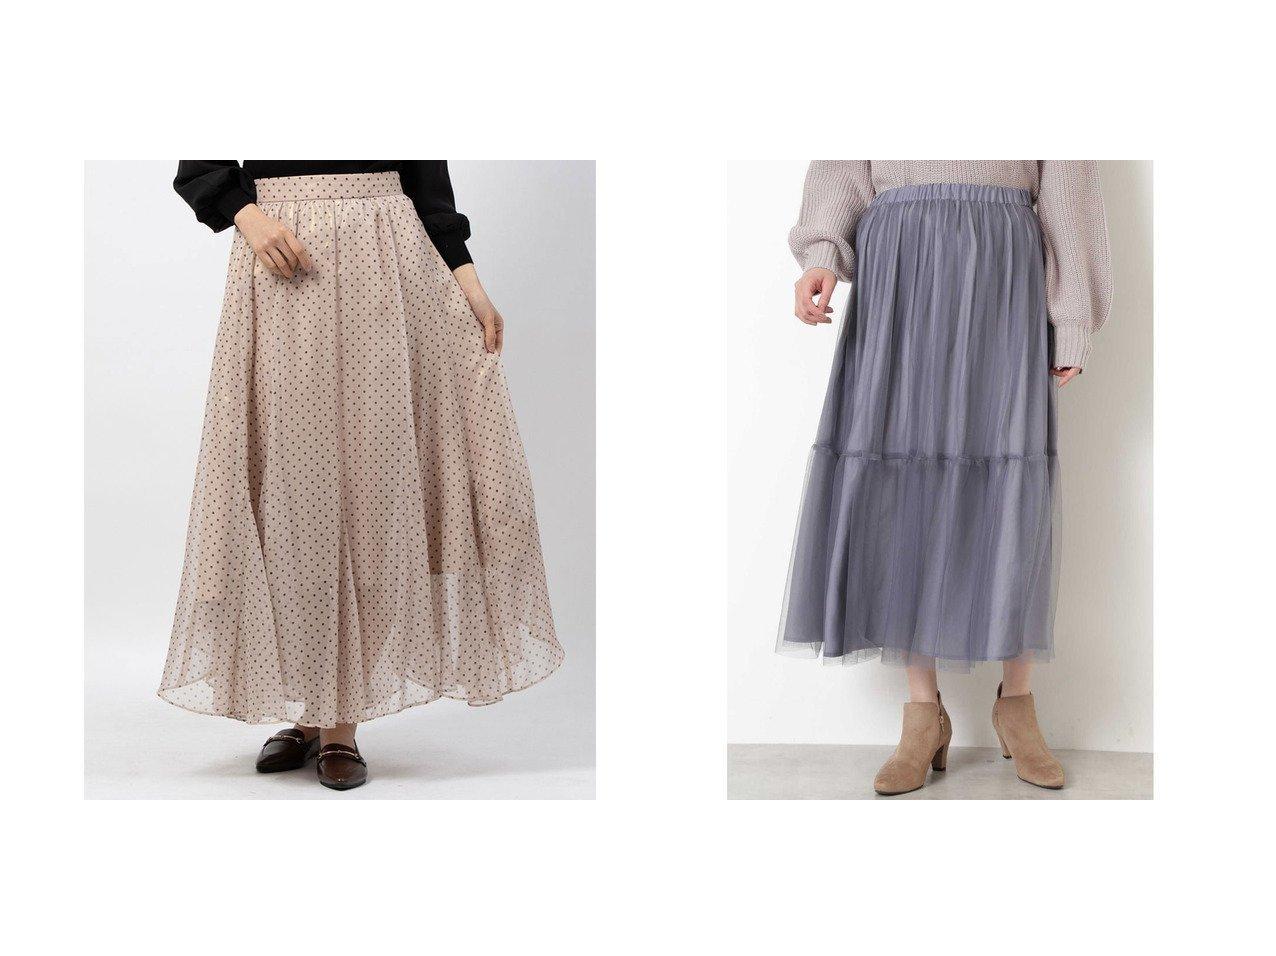 【Rirandture/リランドチュール】のハクラメスカート&【NATURAL BEAUTY BASIC/ナチュラル ビューティー ベーシック】の[2way]チュール×サテンリバーシブルスカート スカートのおすすめ!人気、レディースファッションの通販  おすすめで人気のファッション通販商品 インテリア・家具・キッズファッション・メンズファッション・レディースファッション・服の通販 founy(ファニー) https://founy.com/ ファッション Fashion レディース WOMEN スカート Skirt プリント ロマンティック ロング サテン チュール ドレープ リラックス |ID:crp329100000004069